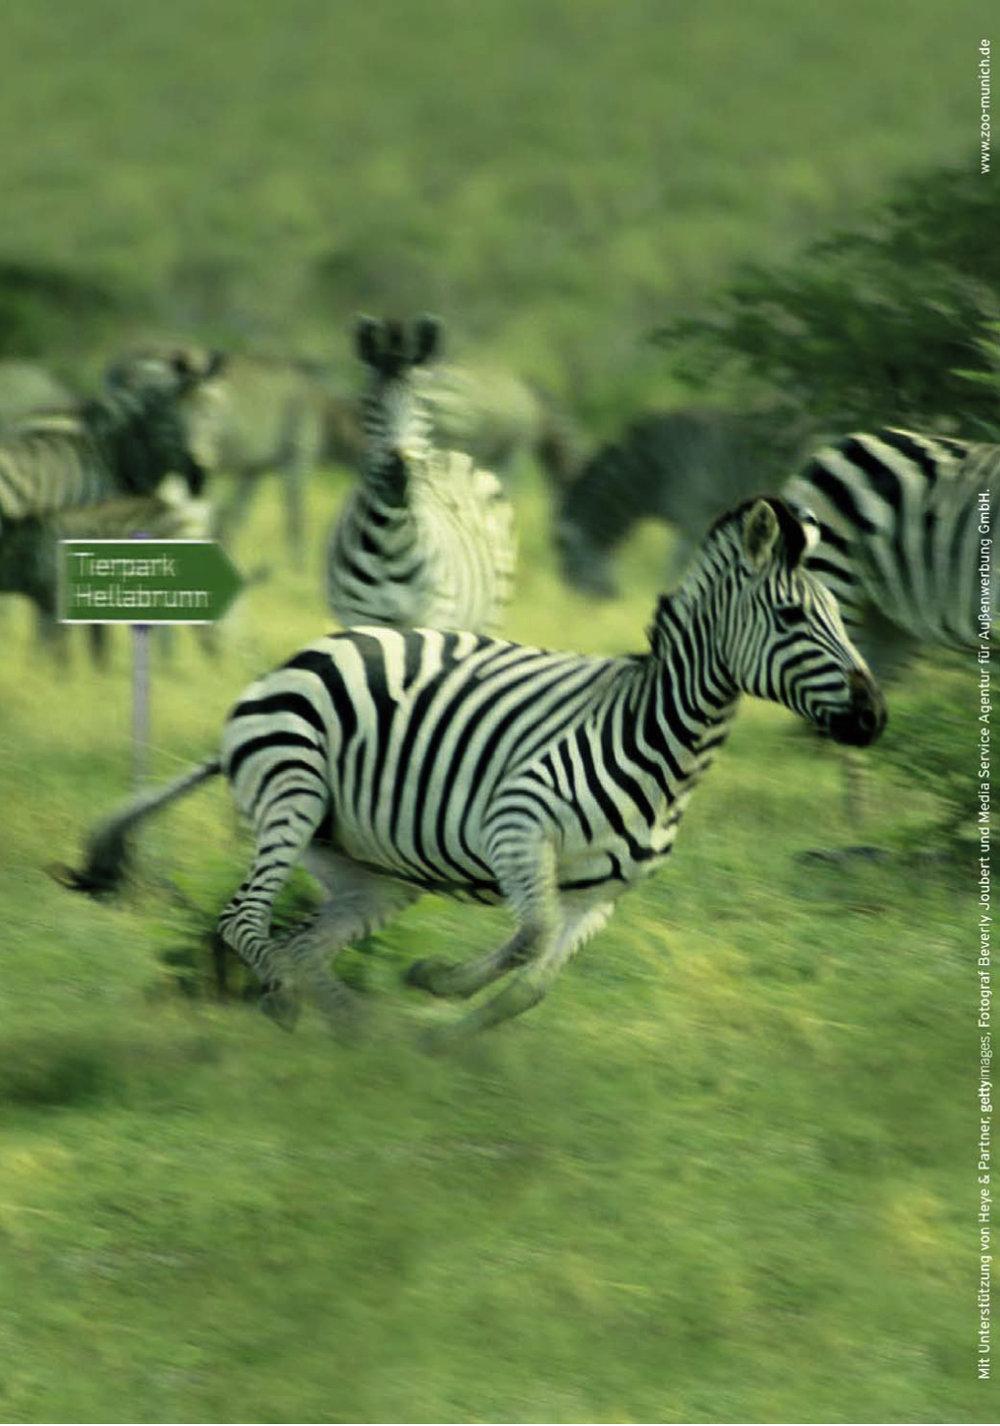 Tierpark Hellabrunn - Plakat Zebra - Wegweiser